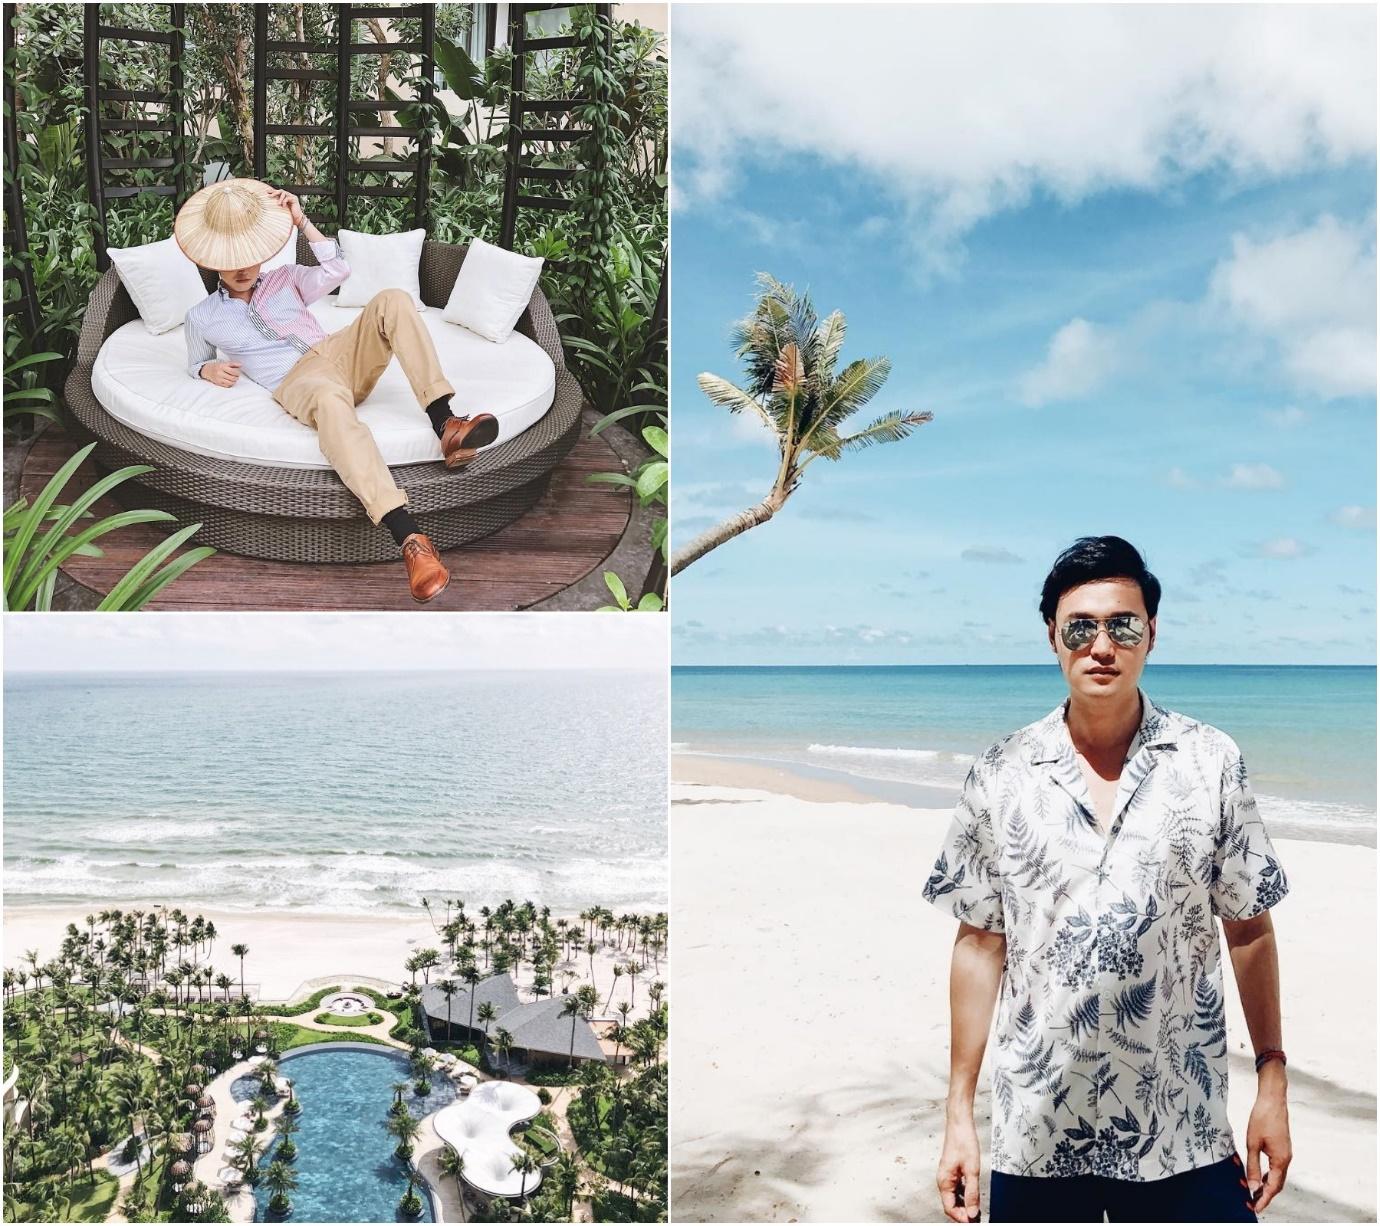 Địa điểm check-in sang chảnh, điểm danh InterContinental Phú Quốc - Ảnh 2.